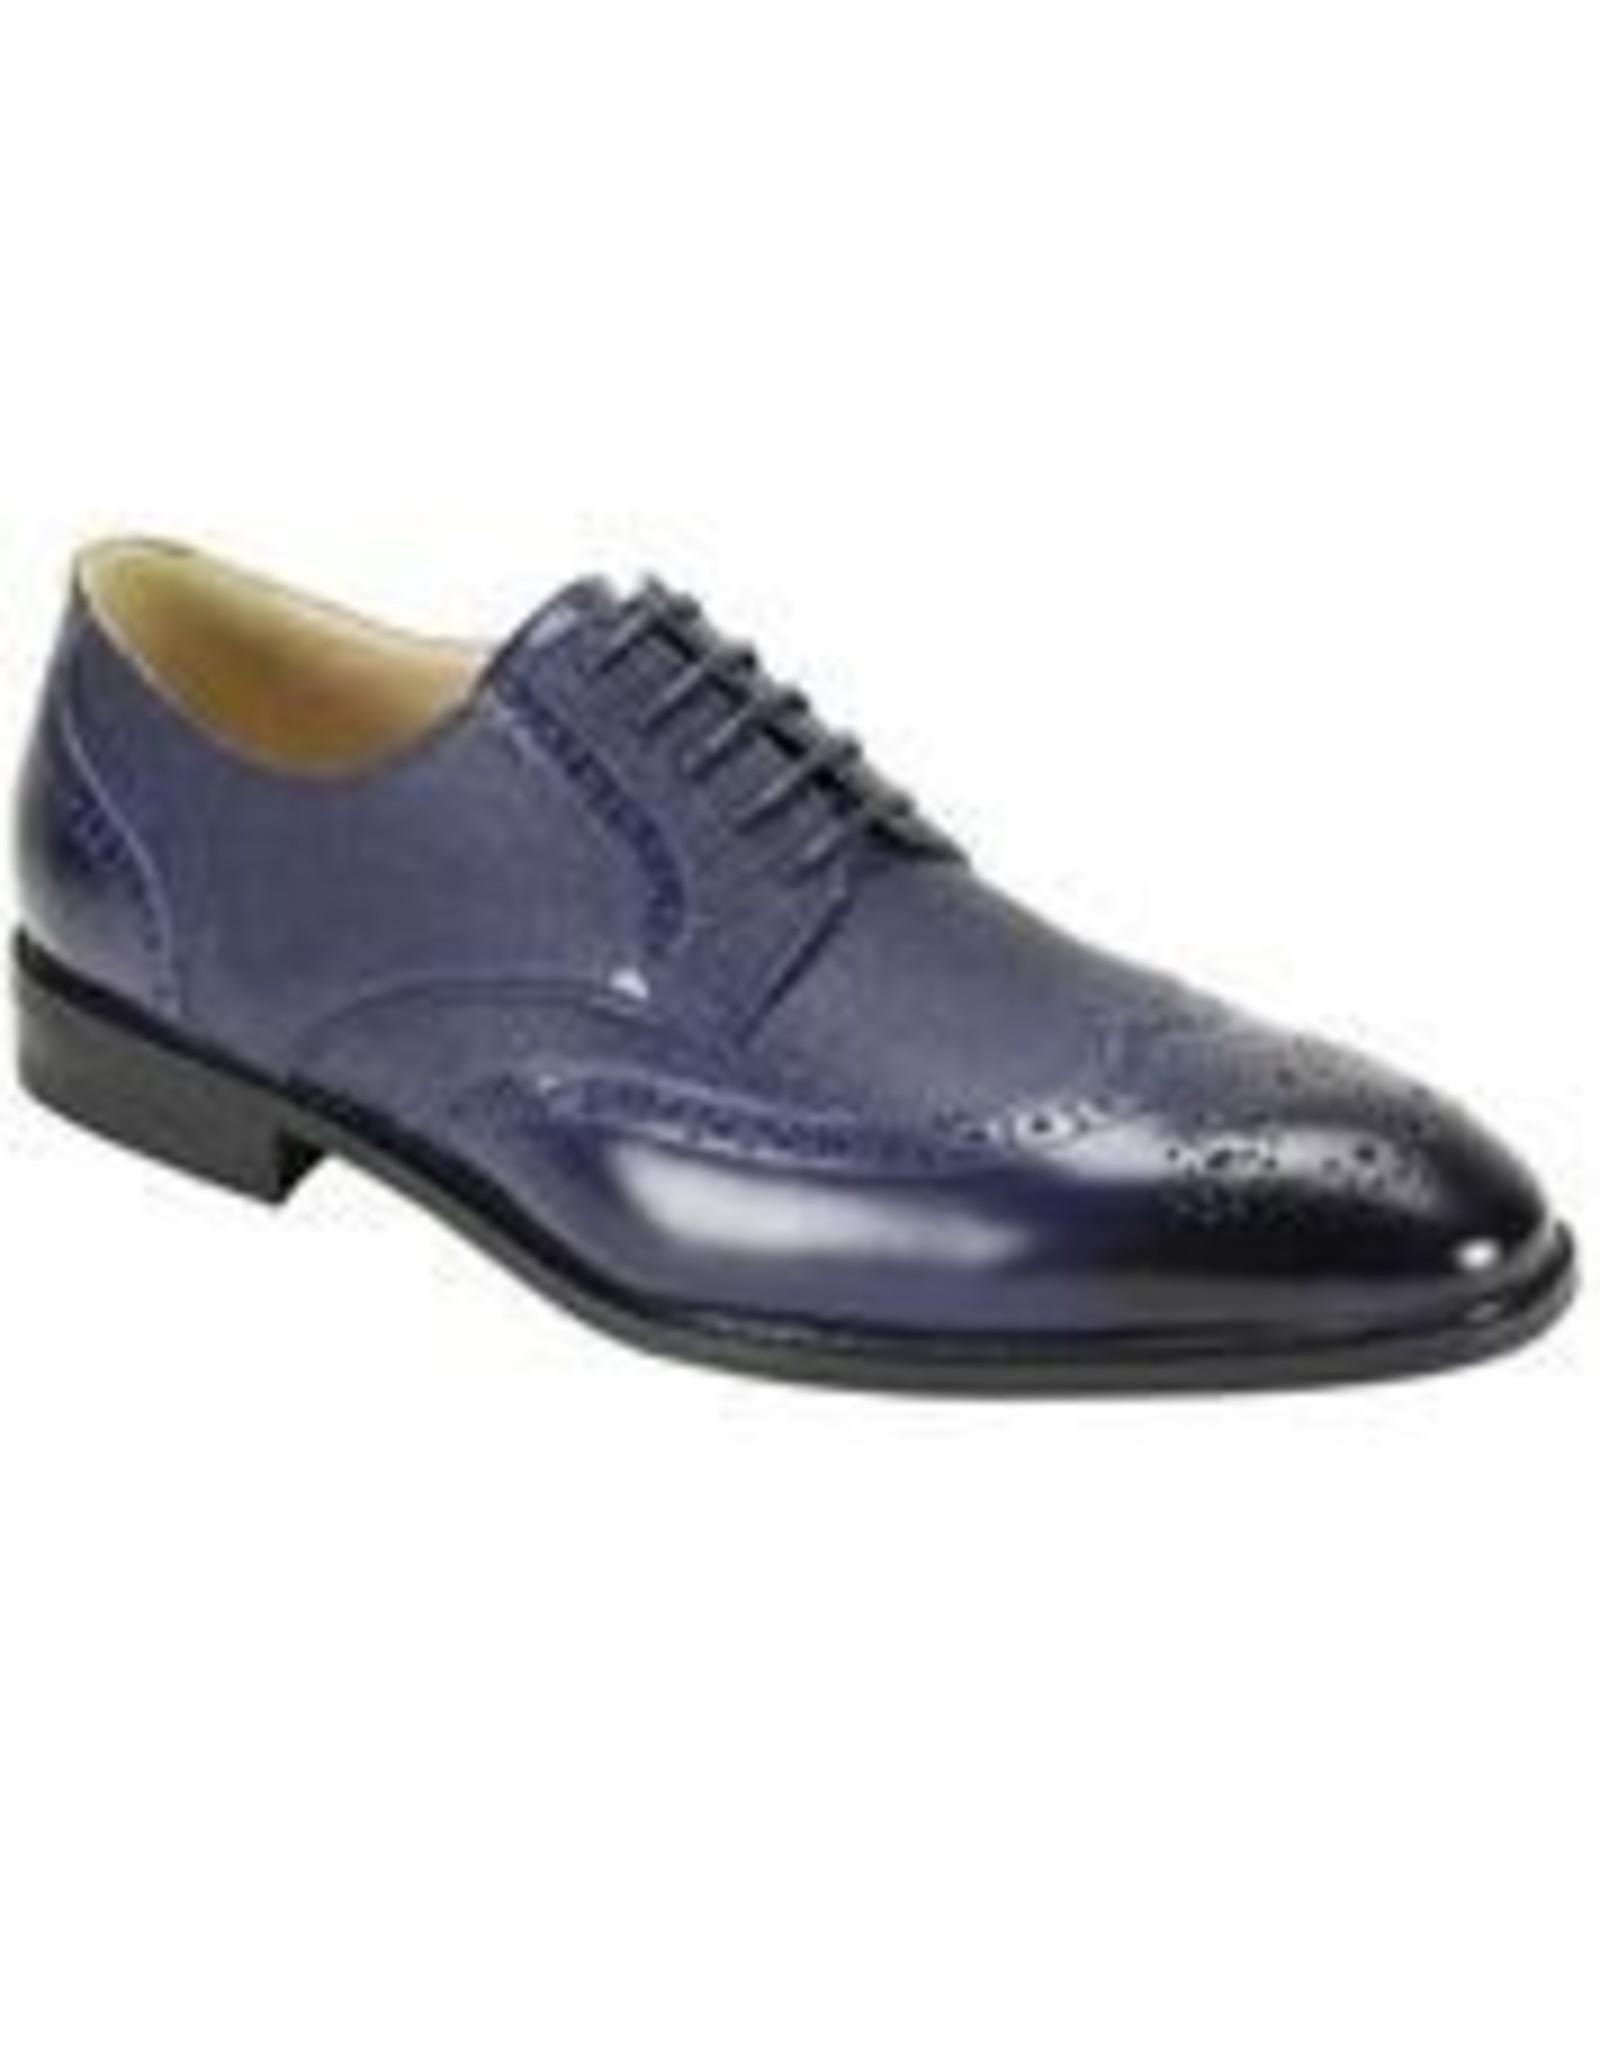 Antonio Cerrelli Antonio Cerrelli 6836 Dress Shoe - Blue